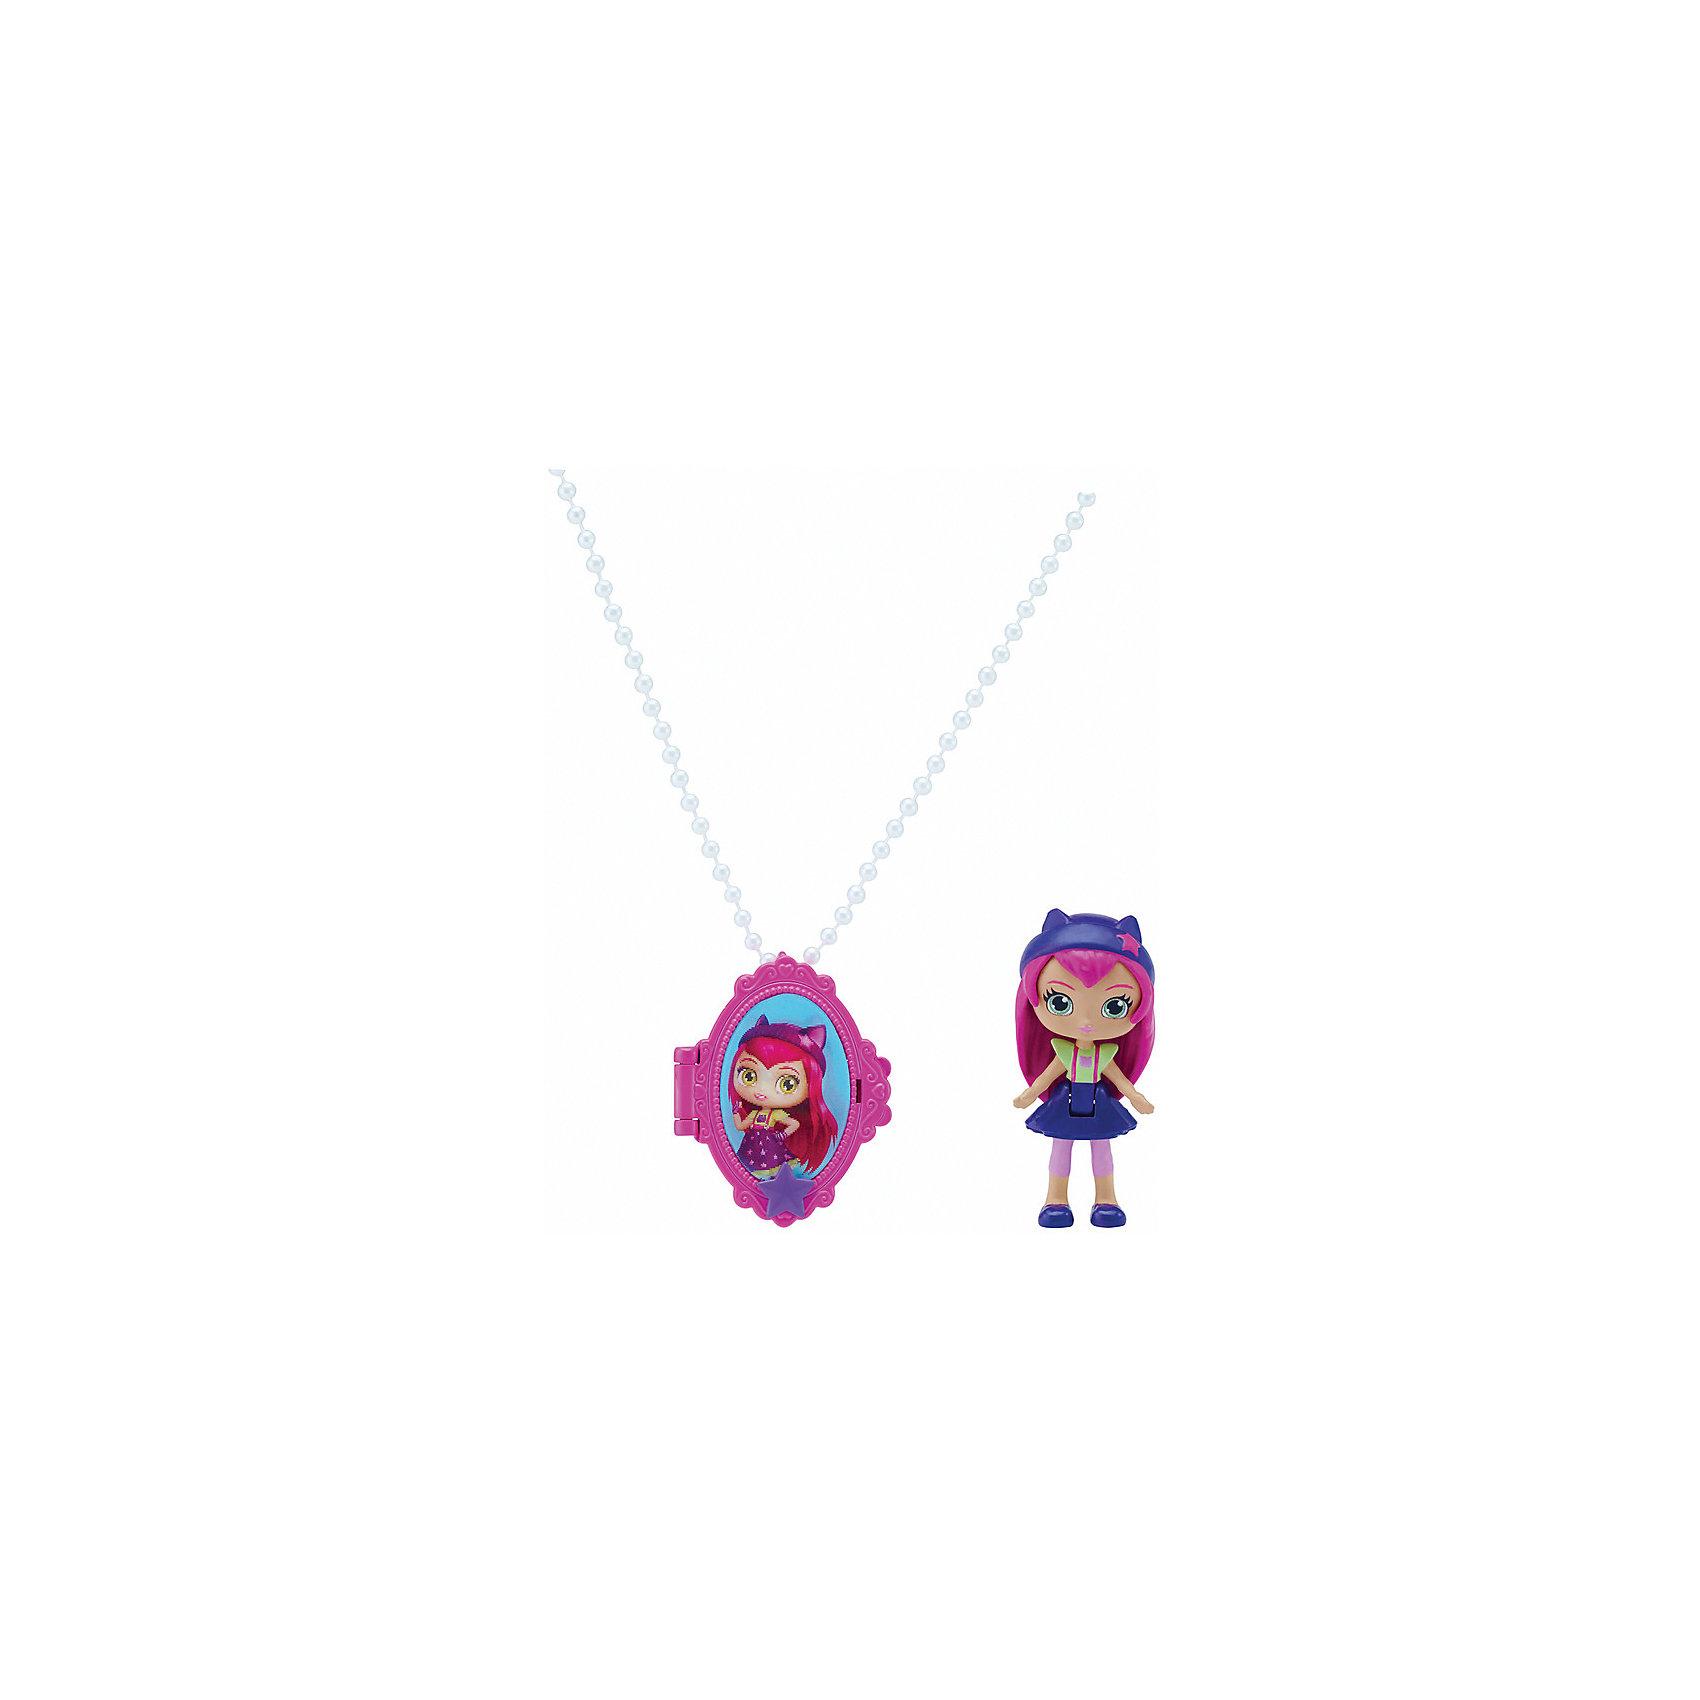 Кулон с Хейзел, Маленькие волшебницы, Spin MasterМаленькие волшебницы<br>Аксессуар для девочек, полюбивших мультфильм «Маленькие волшебницы». Кулон на бисерной нитке украшен портретом одной из героинь Little Charmers, Хазер. Входящая в комплект миниатюрная куколка Хазер – это пластиковая минифигурка, у которой шарнирные конечности, поднимаются ручки и ножки, поворачивается голова. Волосы и платьице выполнено из пластика. Кулон открывается, внутрь можно поместить фигурку Хазер.<br><br>Размер упаковки: 27х19х24 см<br>Вес упаковки: 250 г<br><br>Кулон с Хазер, Маленькие волшебницы, Spin Master можно купить в нашем интернет-магазине.<br><br>Ширина мм: 190<br>Глубина мм: 30<br>Высота мм: 240<br>Вес г: 113<br>Возраст от месяцев: 36<br>Возраст до месяцев: 2147483647<br>Пол: Женский<br>Возраст: Детский<br>SKU: 5064317